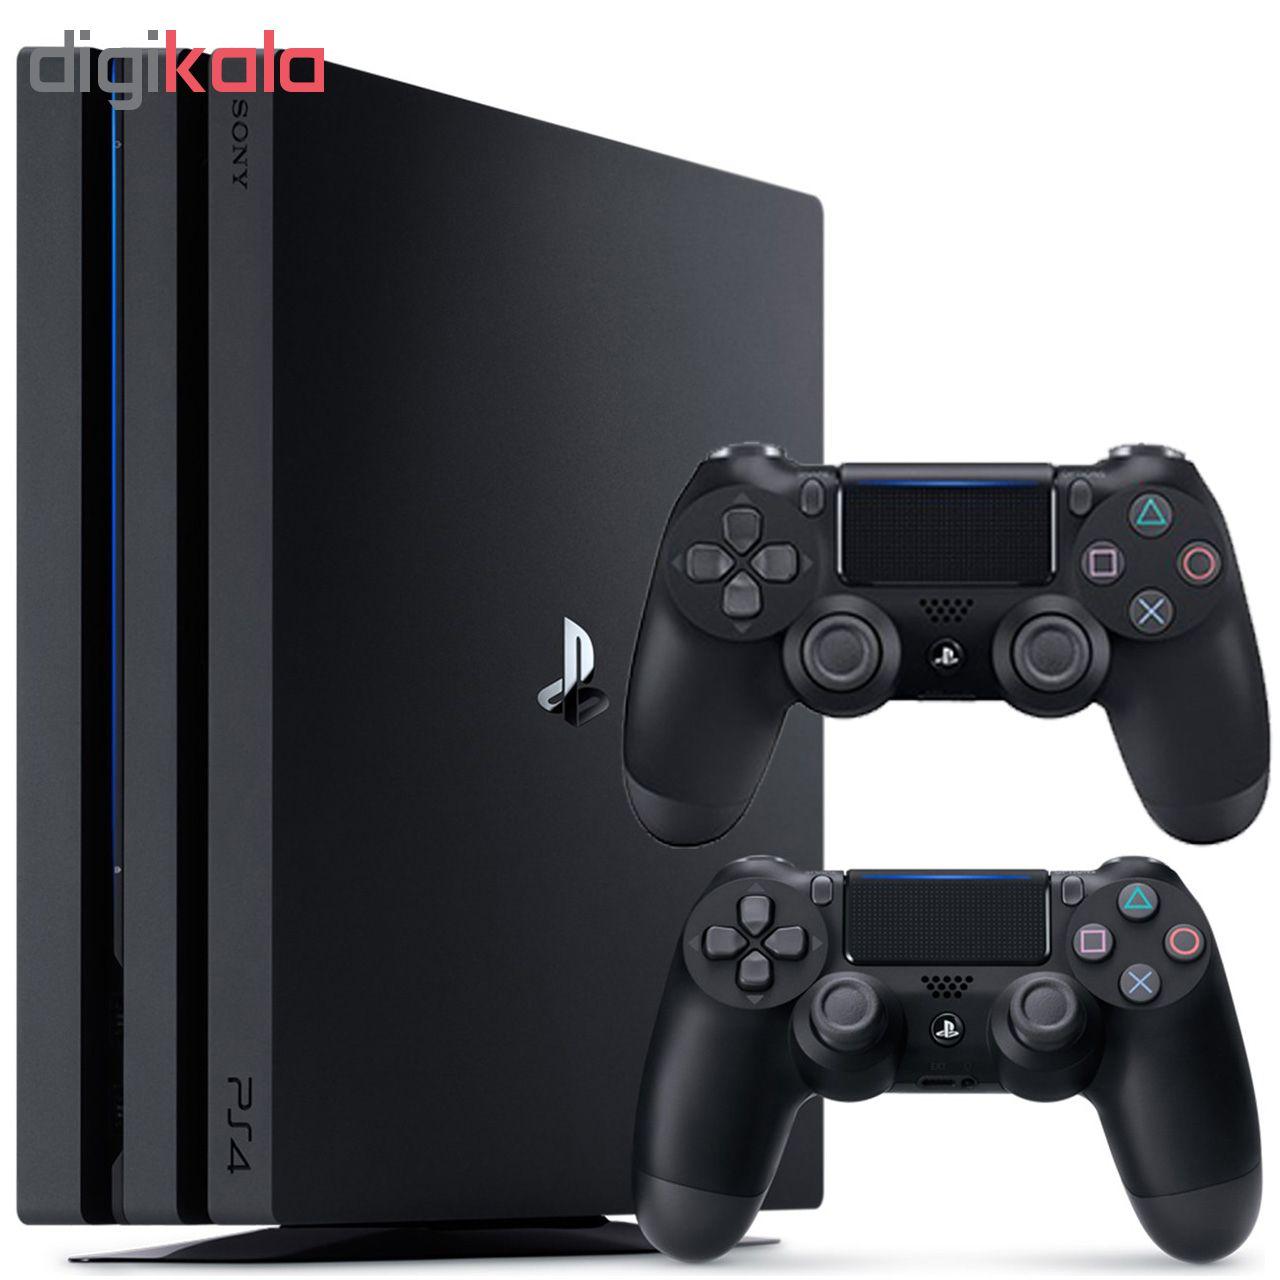 مجموعه کنسول بازی سونی مدل Playstation 4 Pro 2018 ریجن 2 کد CUH -7216B ظرفیت 1 ترابایت